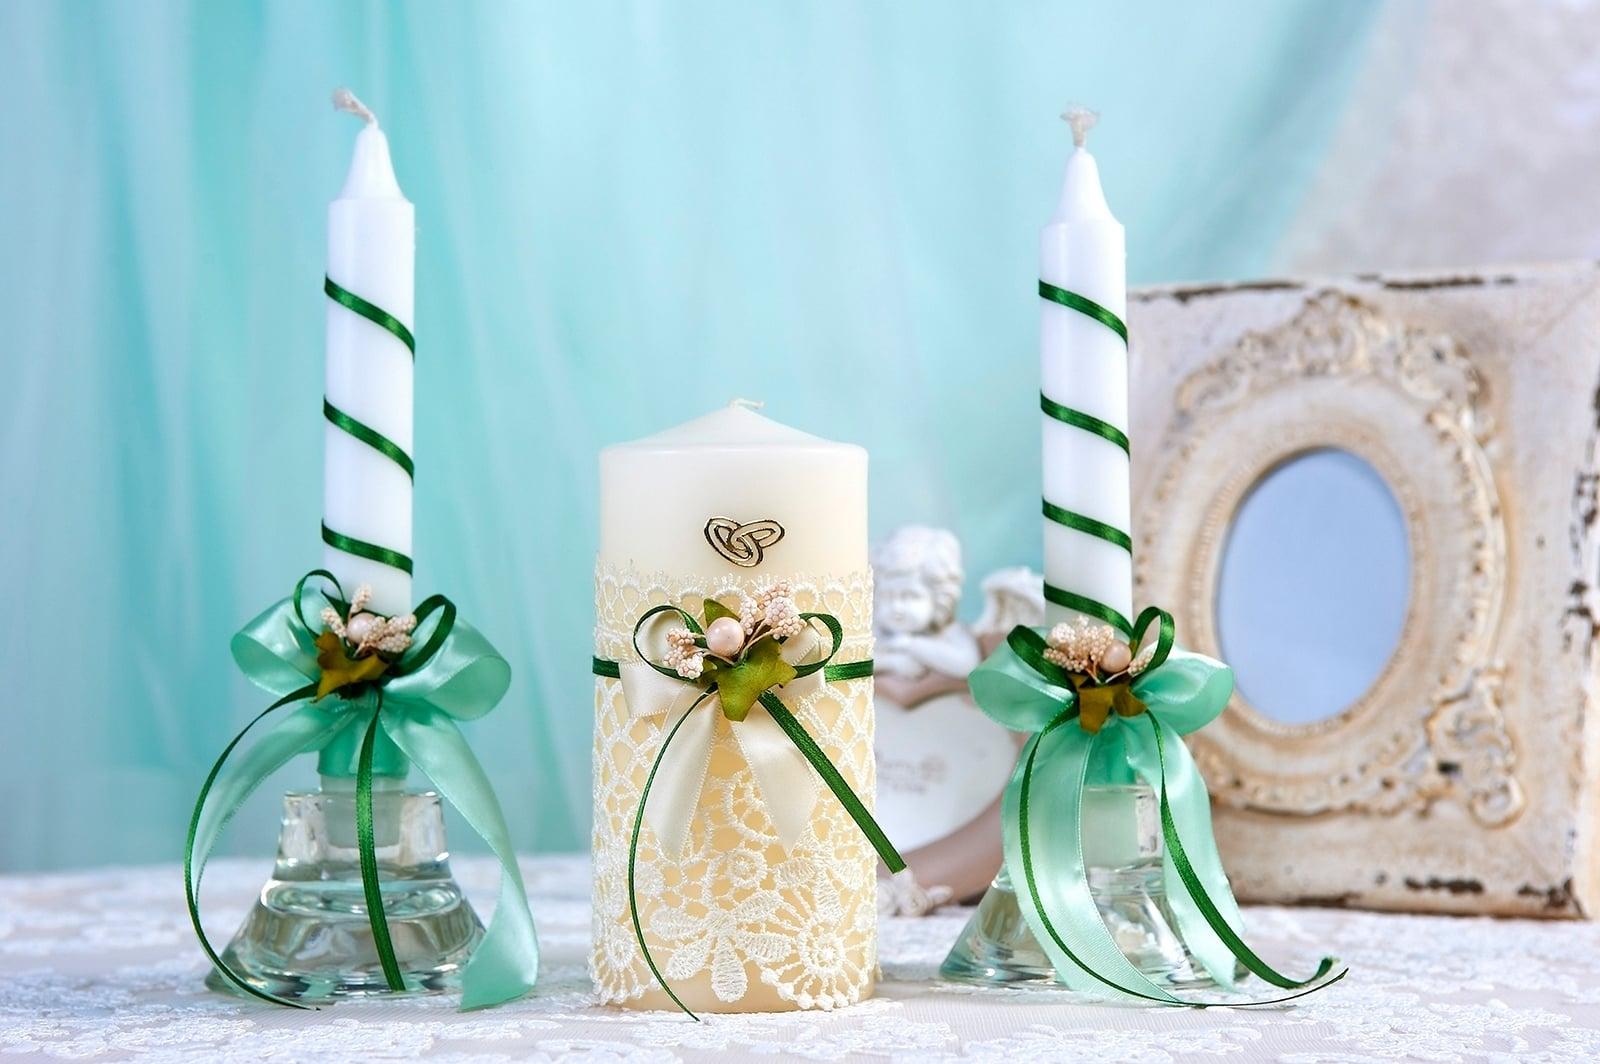 Свадебные свечи в желто-зеленых тонах, украшенные кружевом.